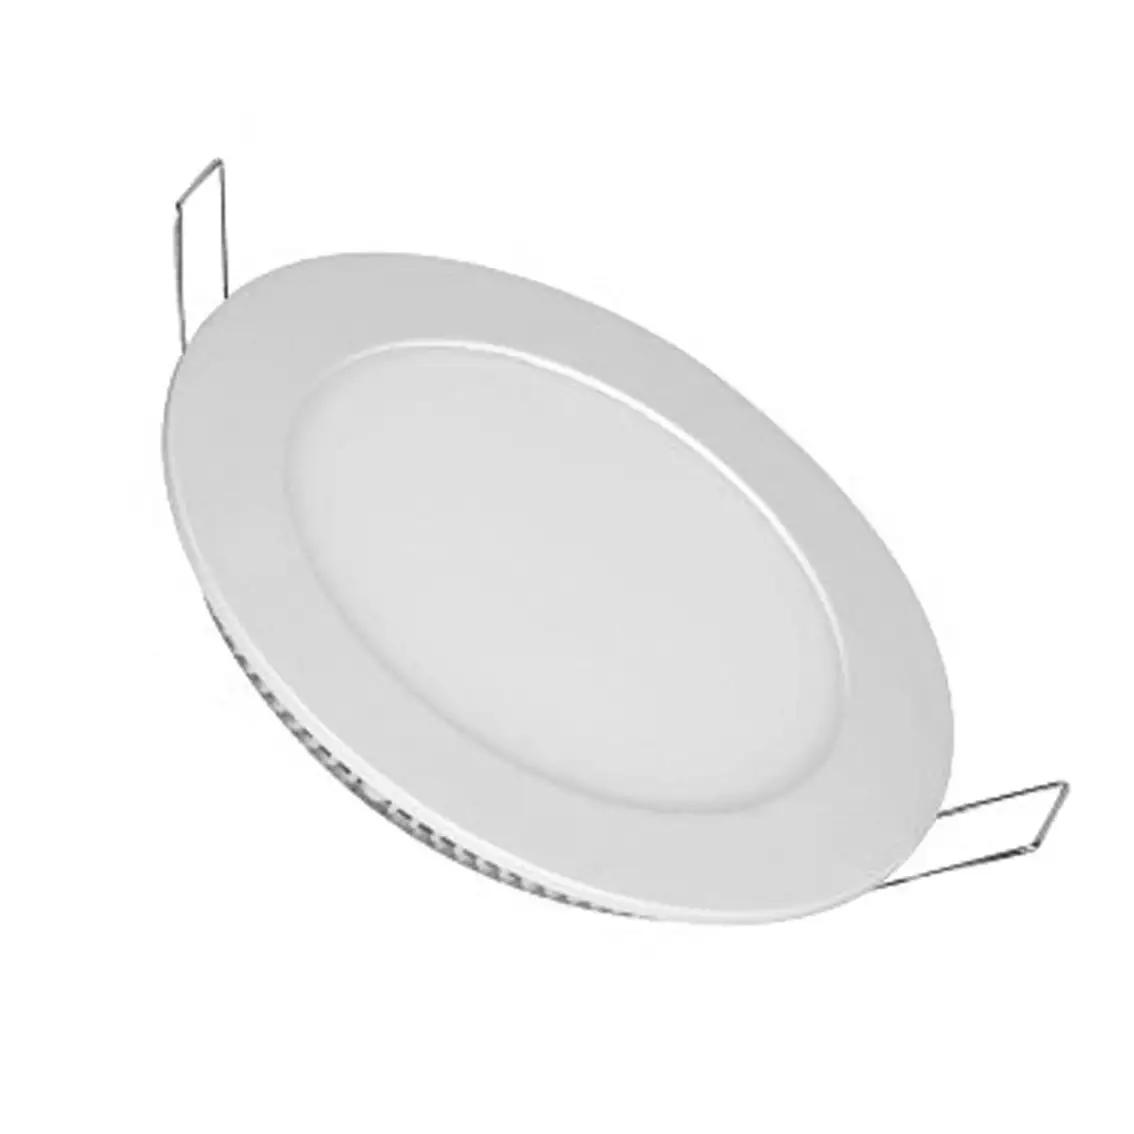 Luminária Plafon de Embutir 12W Superled 03208 Ourolux